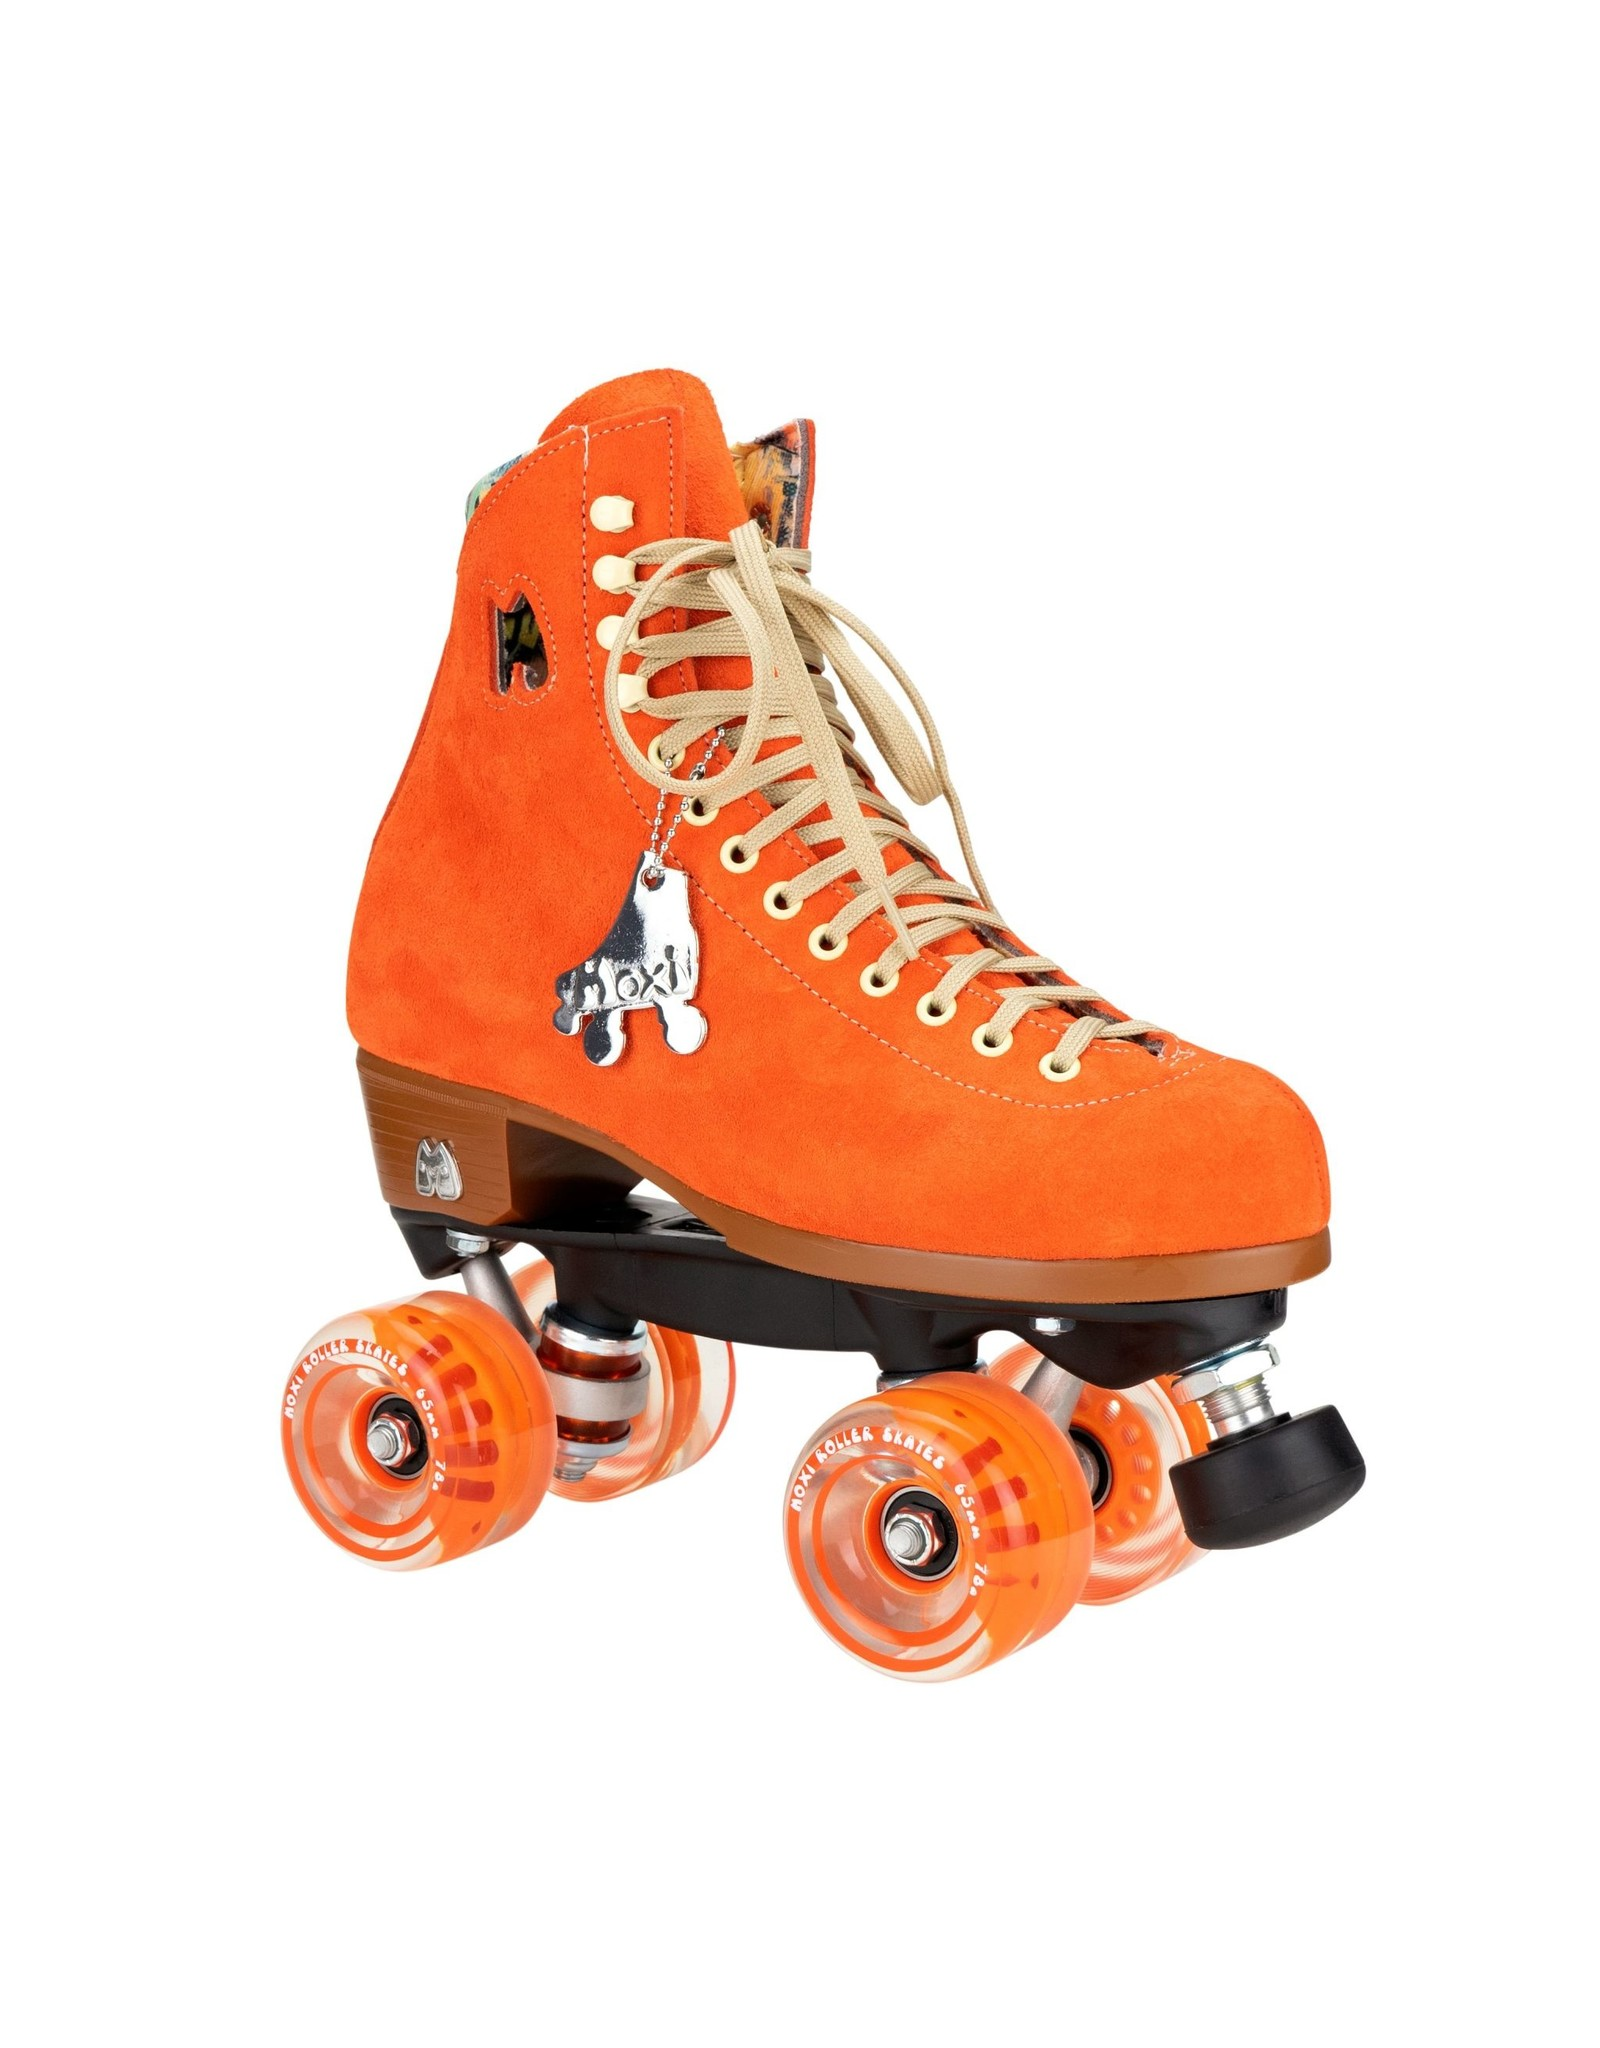 Moxi Skates Moxi Lolly